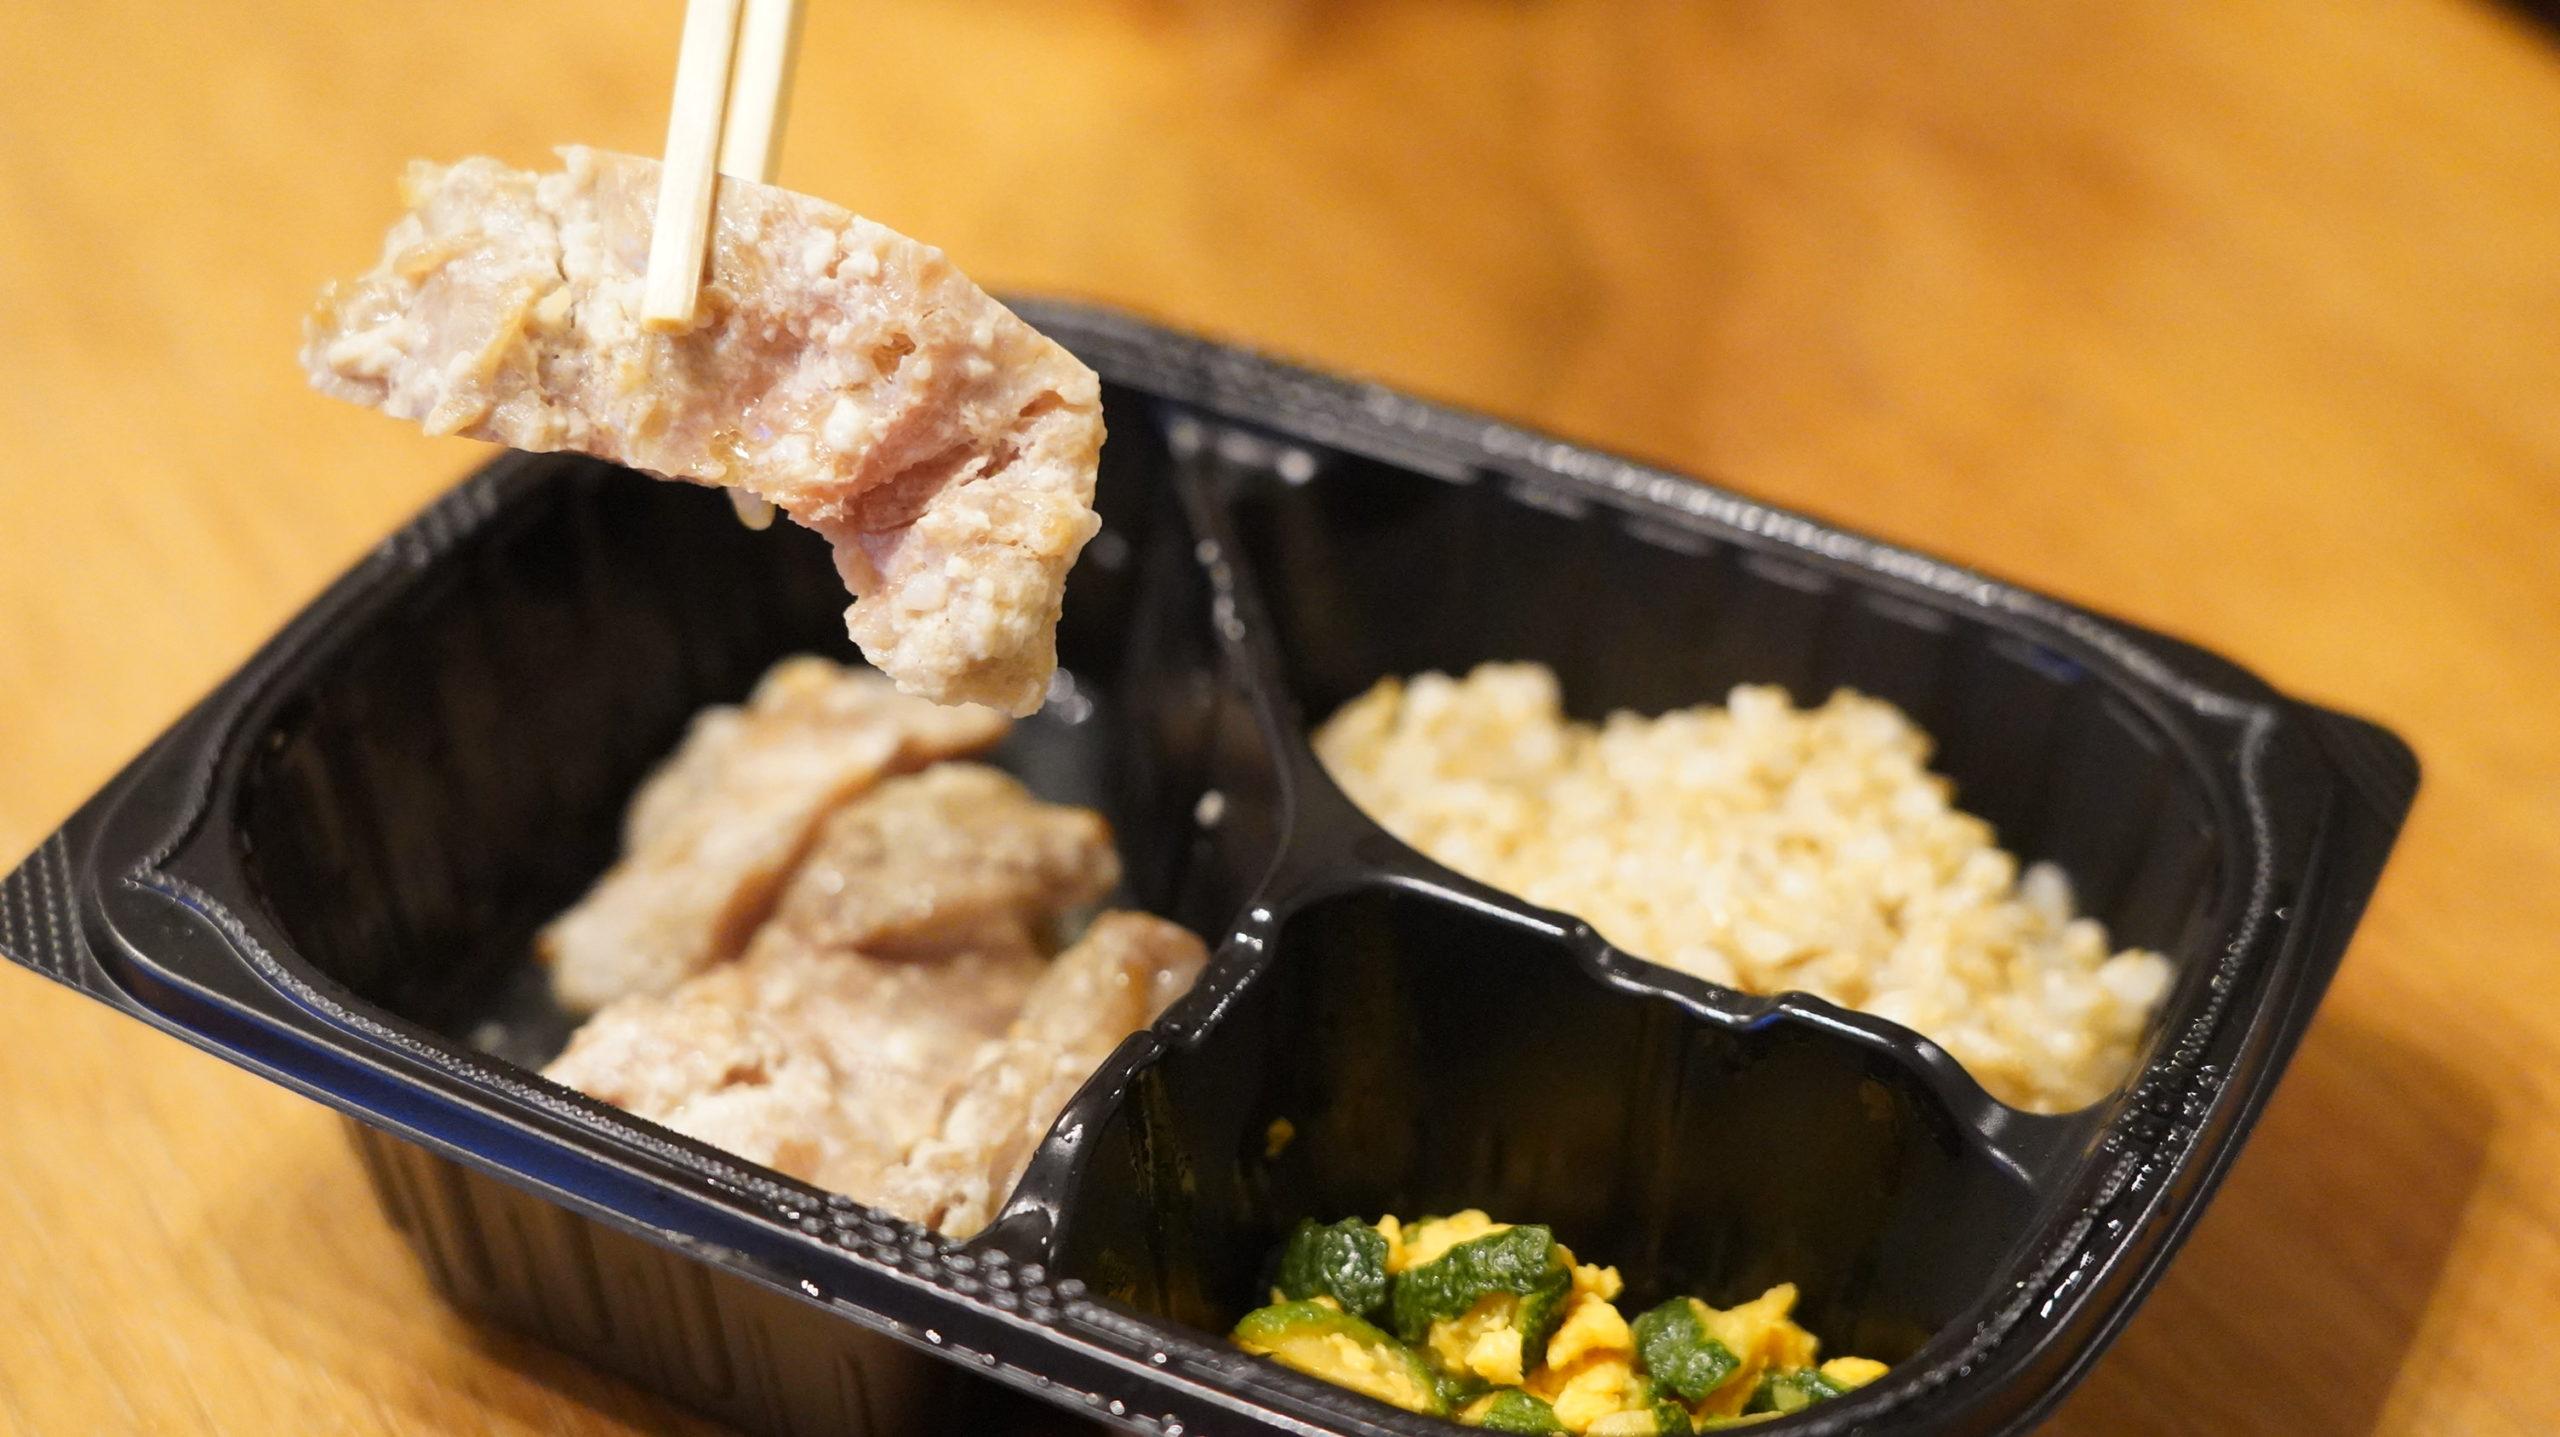 マッスルデリ(Muscle Deli)の鶏肉の塩麹焼きセットの鶏肉の写真